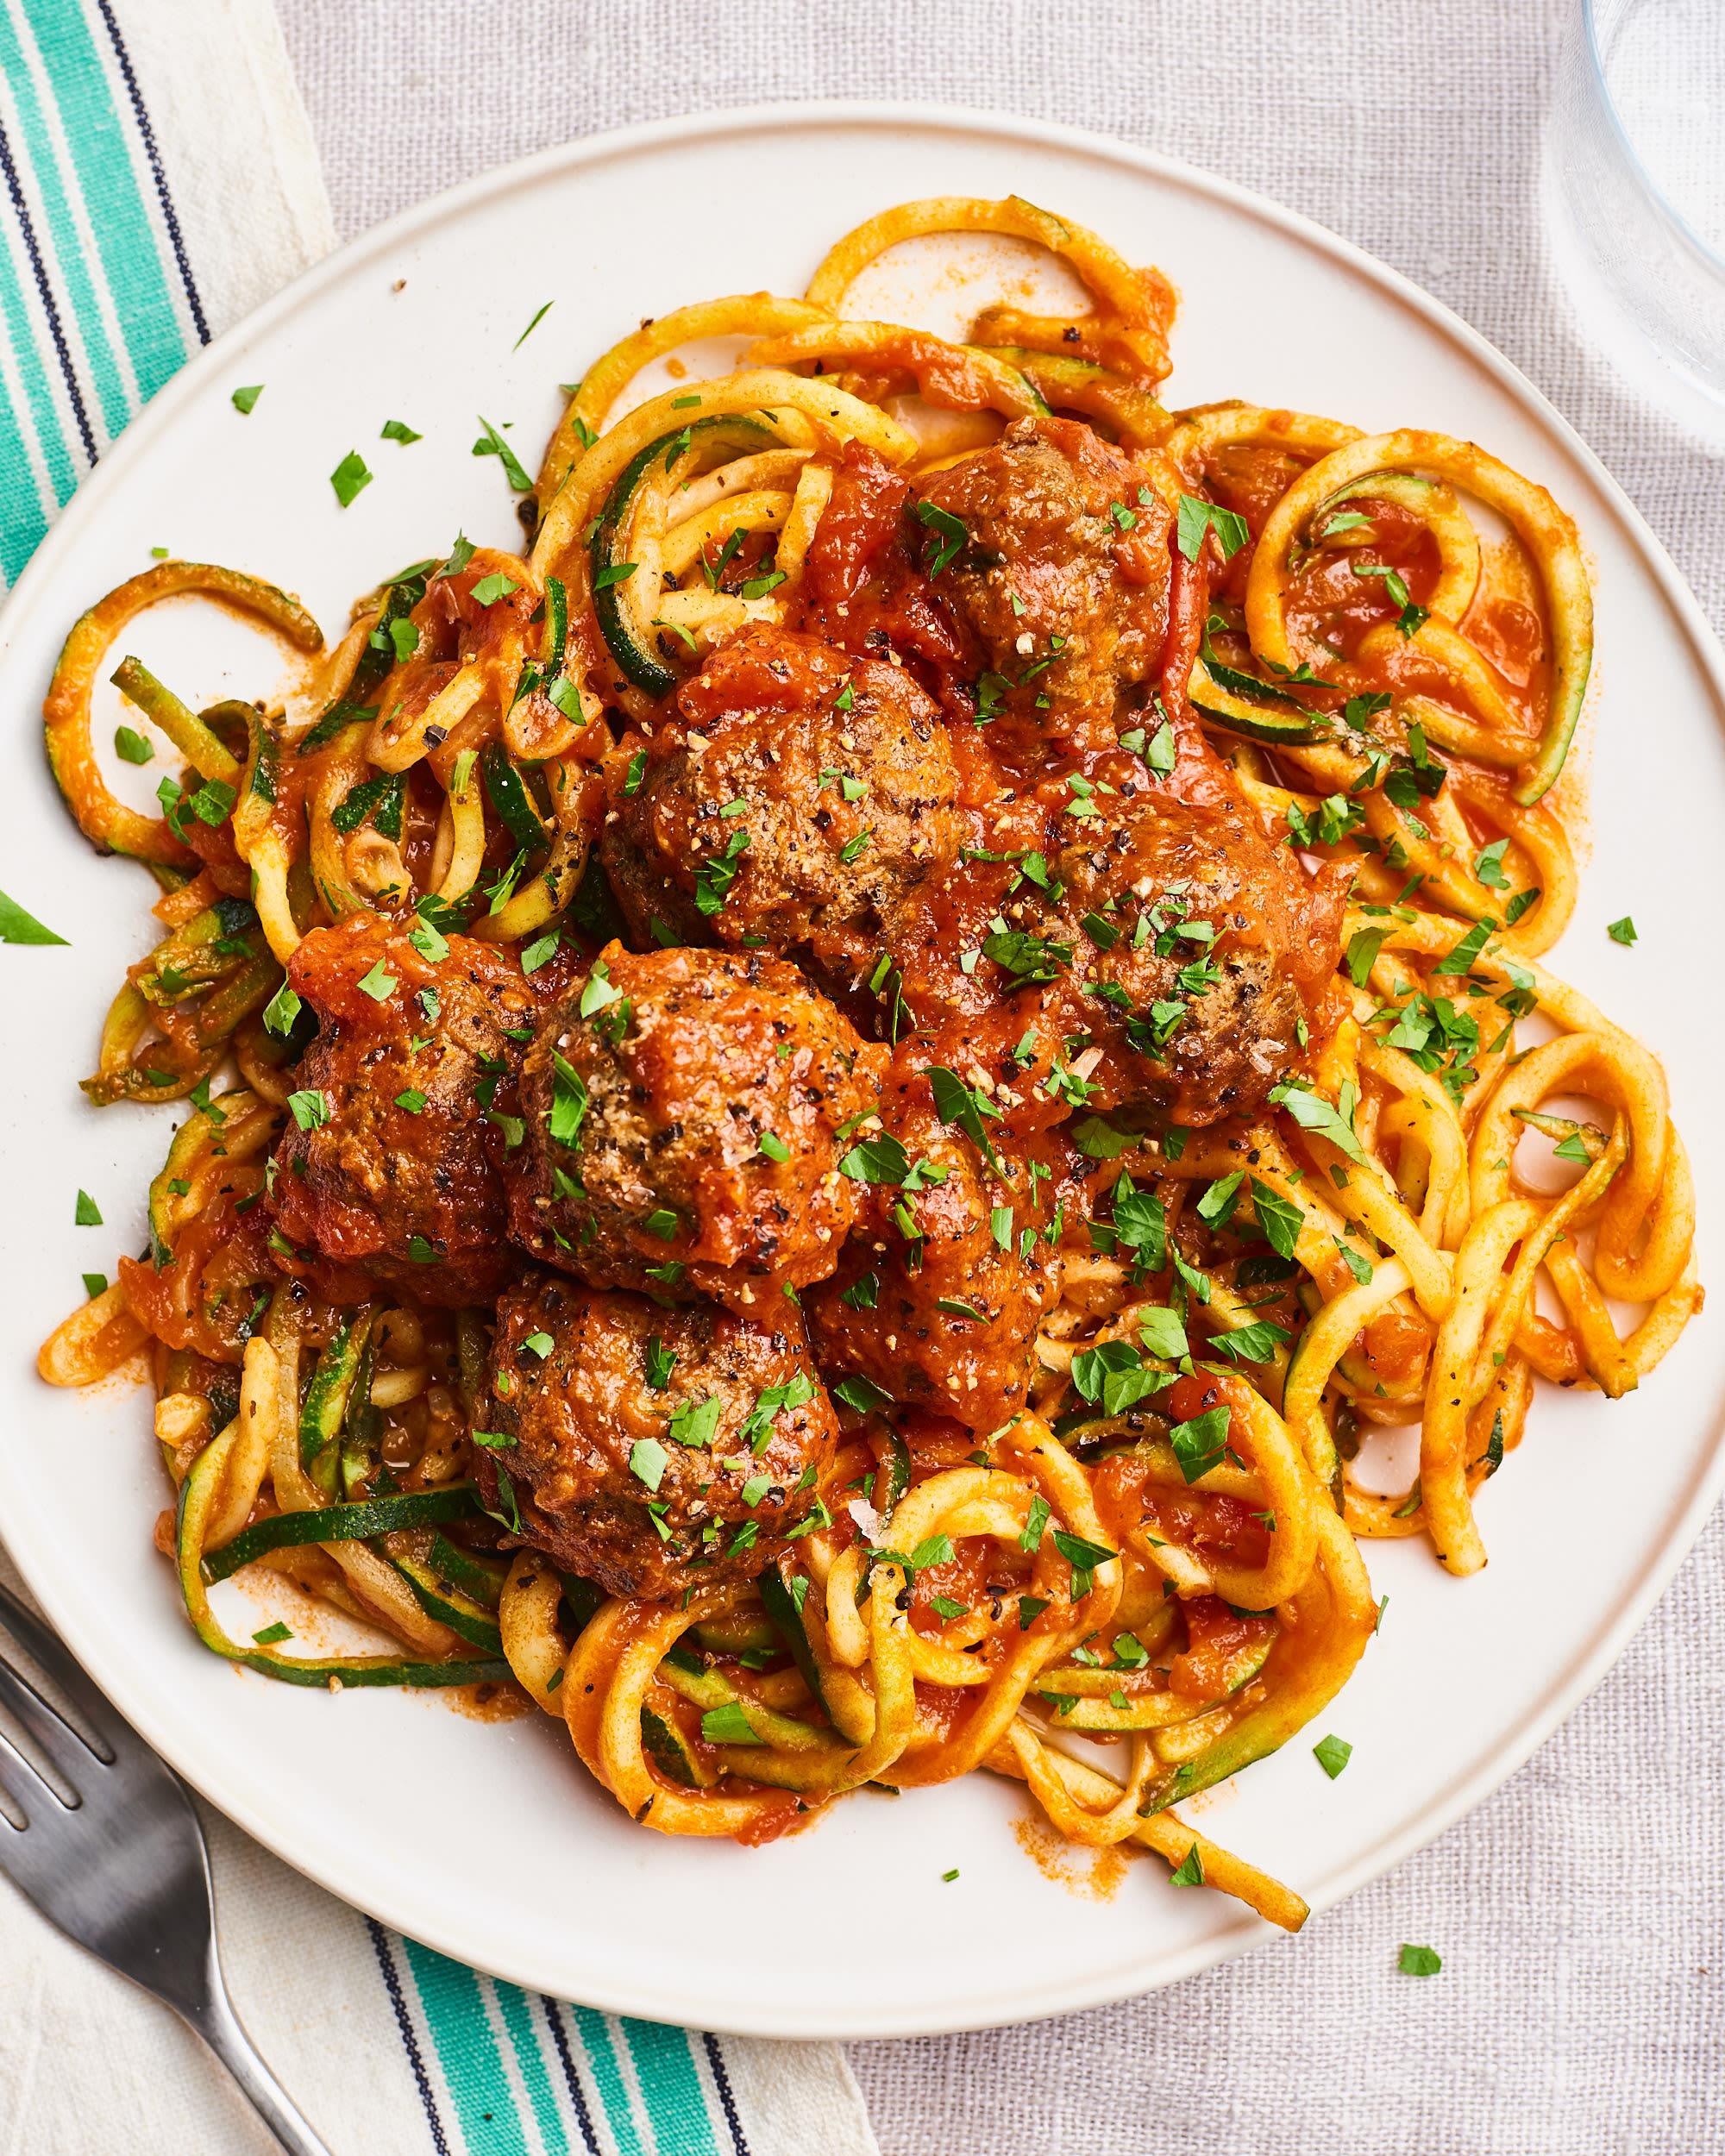 Recipe: Whole30 Italian Meatballs with Marinara — Recipes from The Kitchn